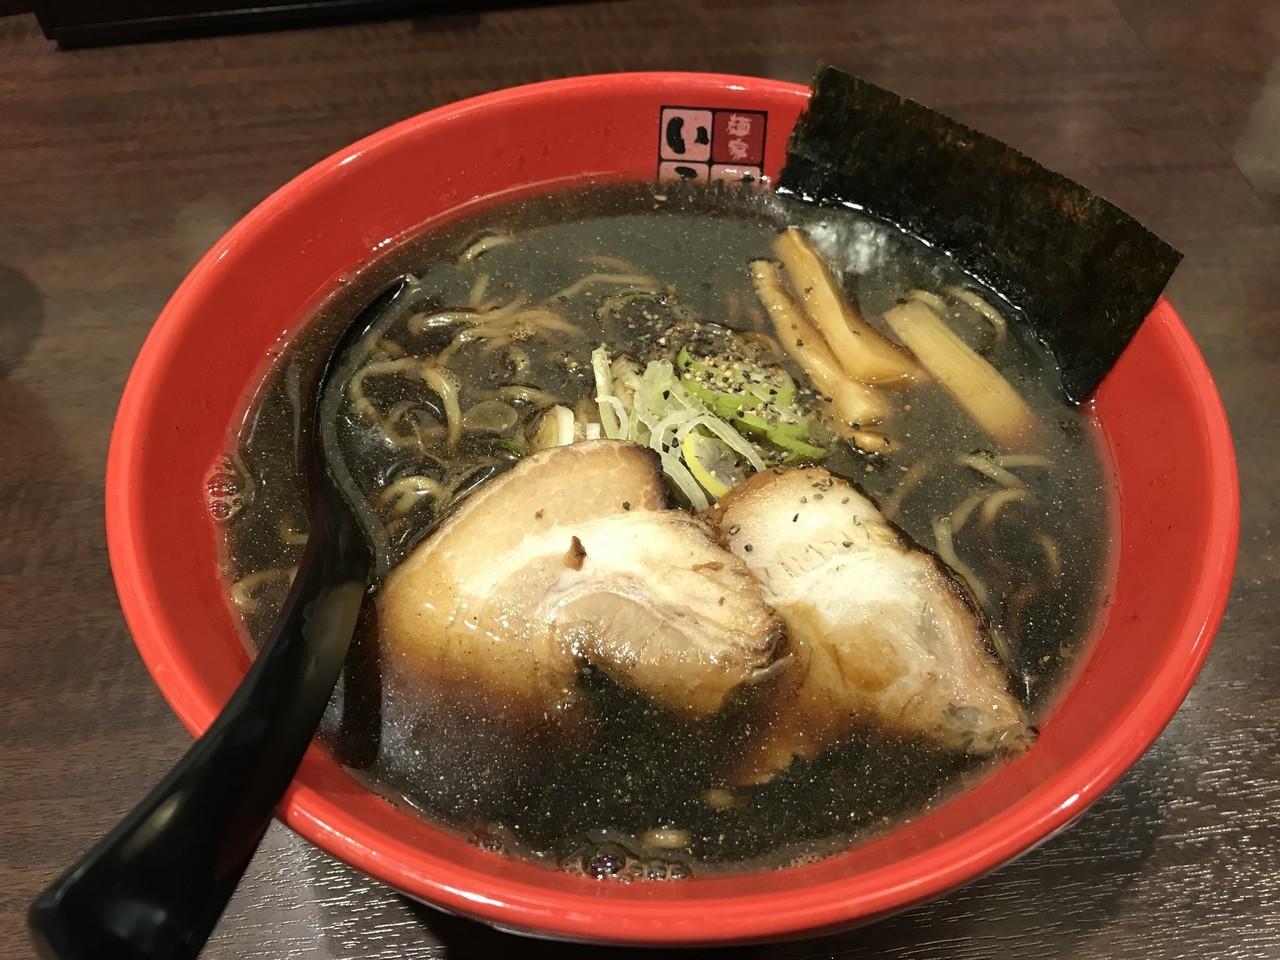 【秋葉原】22時以降も営業しているラーメン屋5選!真っ黒なスープの1杯に背脂チャッチャ系も